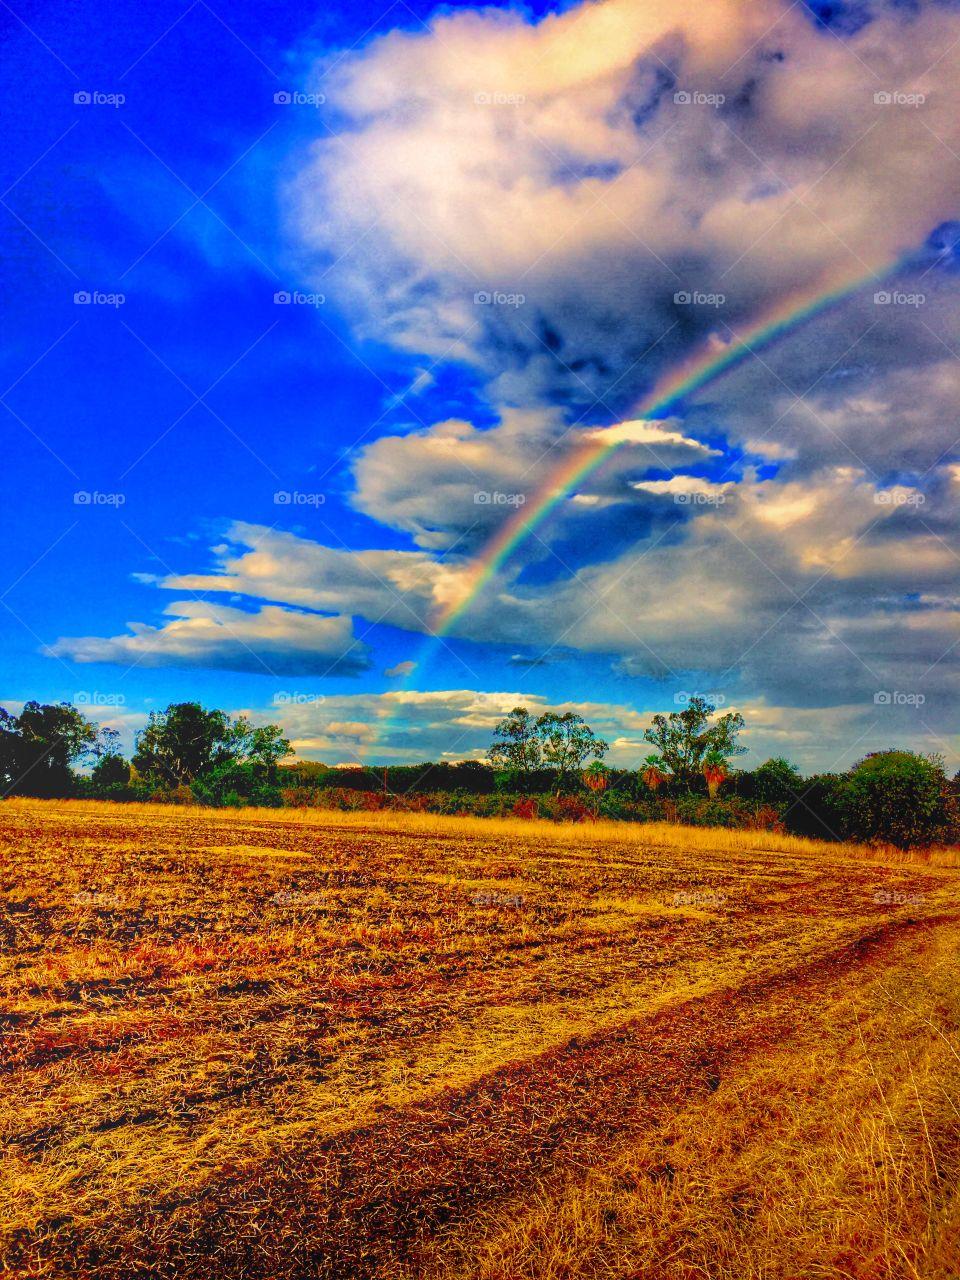 Rainbow over farmland.